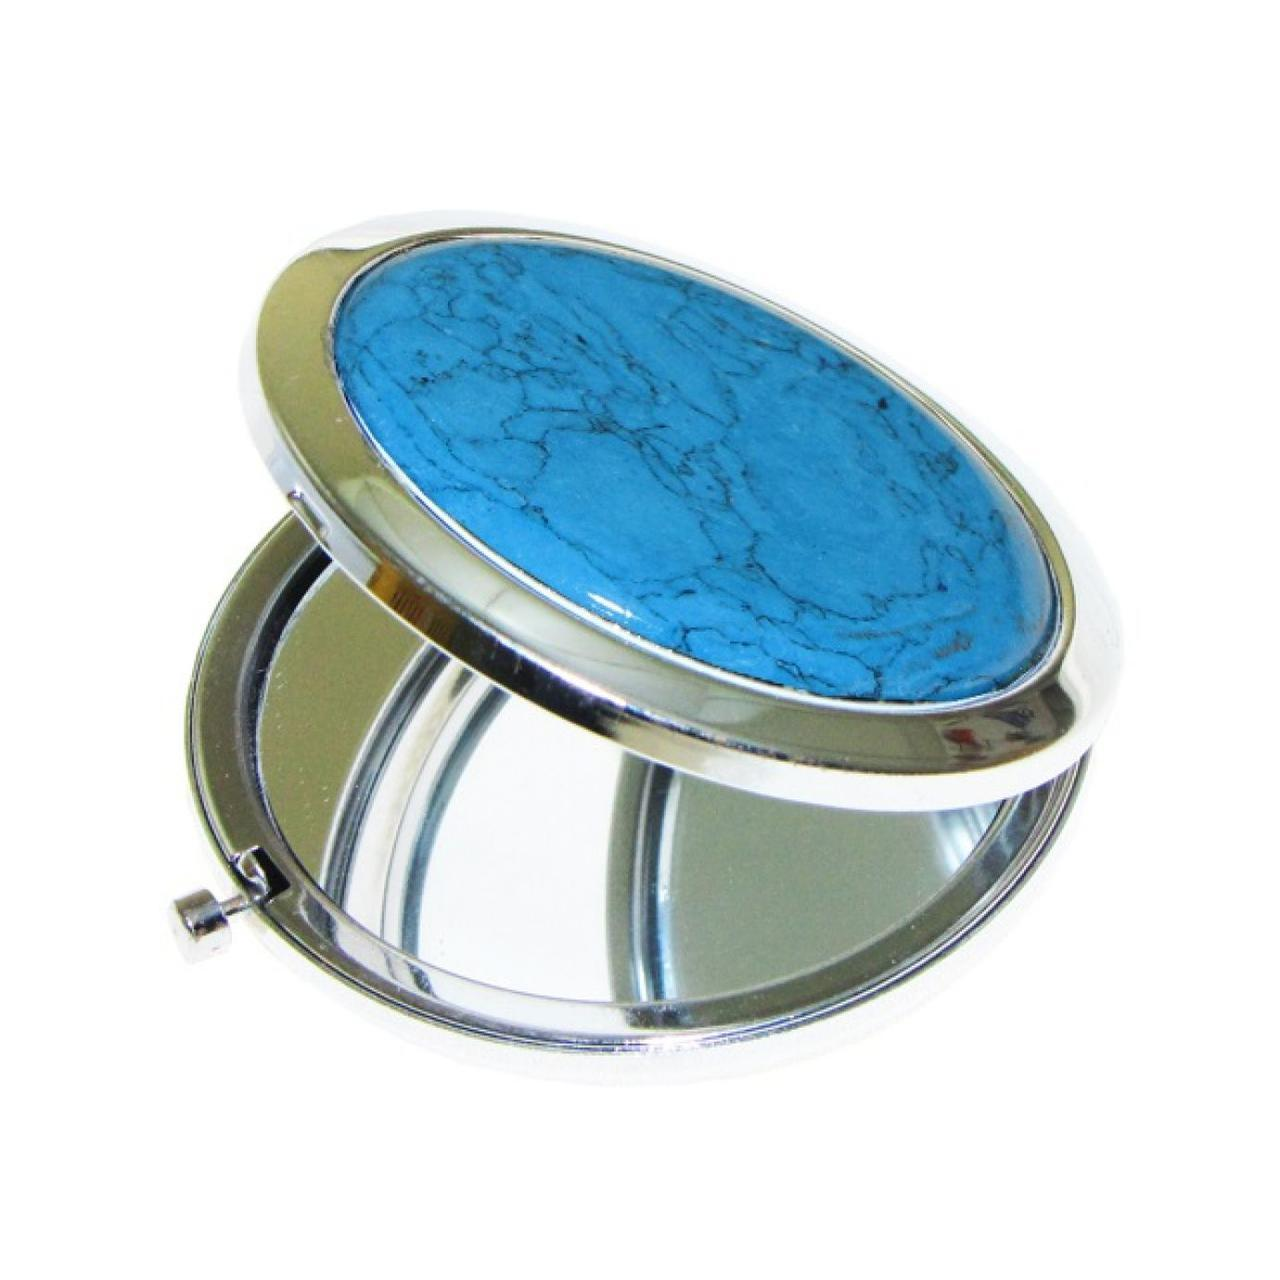 Зеркало двустороннее ЗК-1 круглое складное с увеличителем в коробке